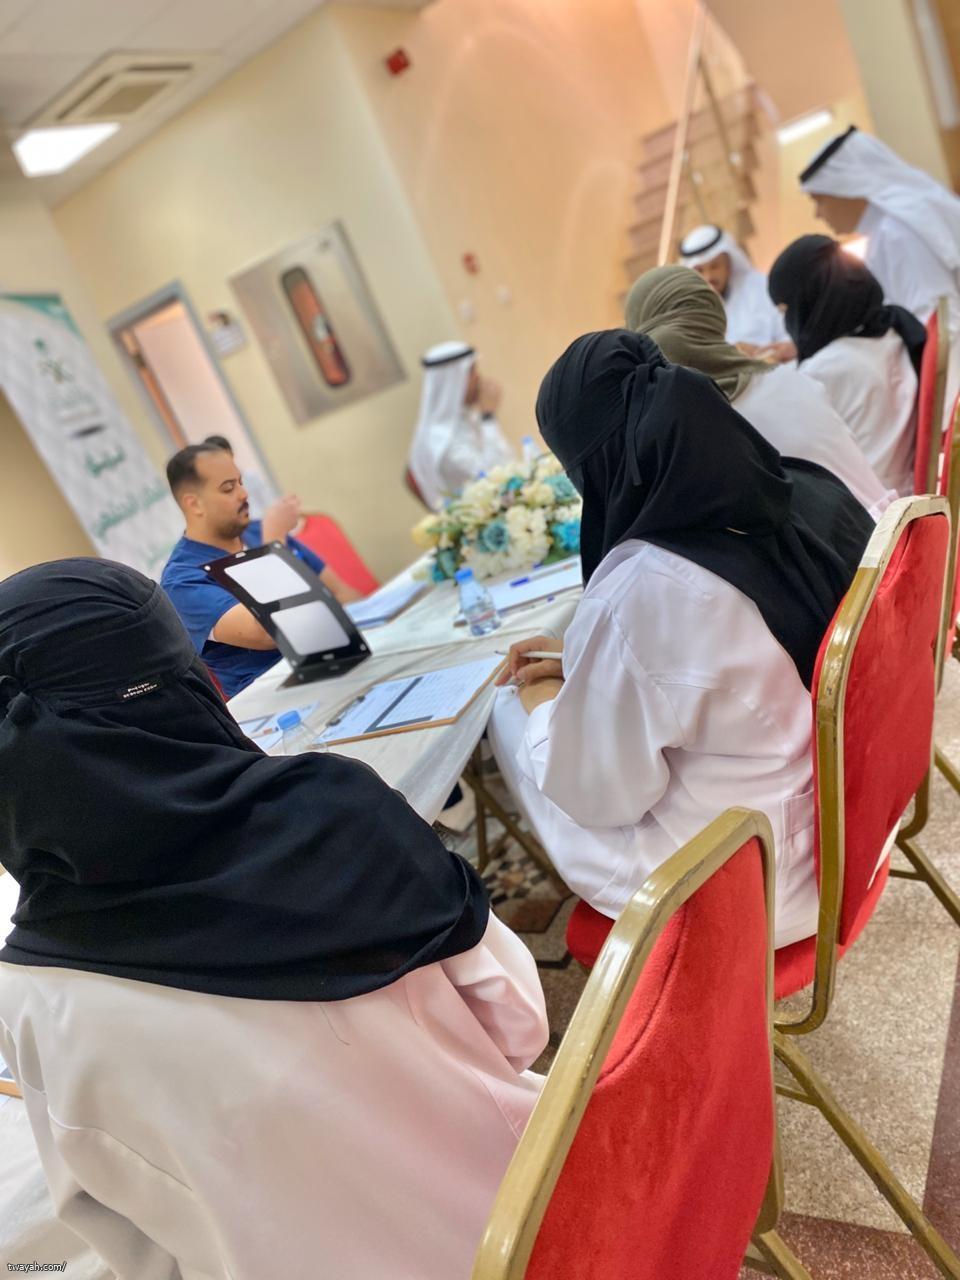 مركز صحي البحيرات يستضيف فريق التمكين المجتمعي لعام ٢٠٢٠